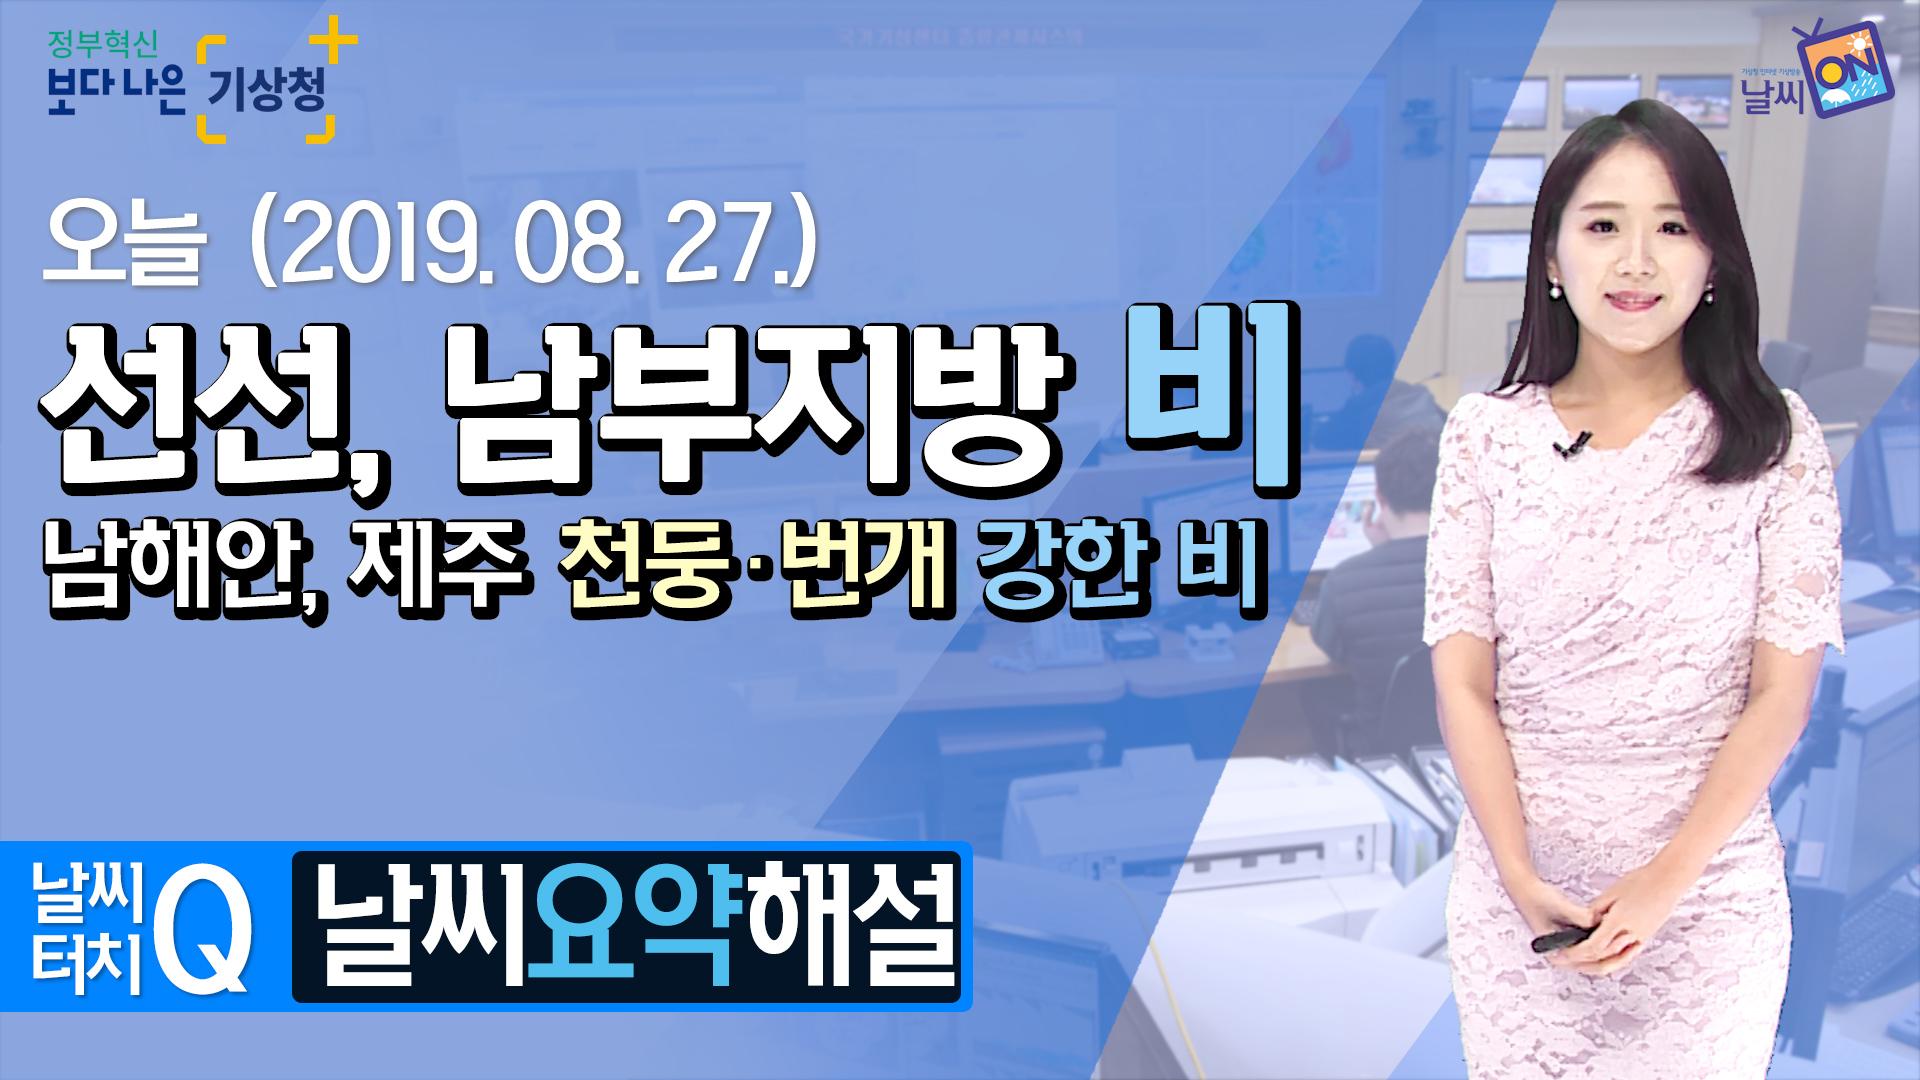 [11시] 8월 27일(화) 선선·남부지방 비, 남해안, 제주 천둥·번개 강한 비